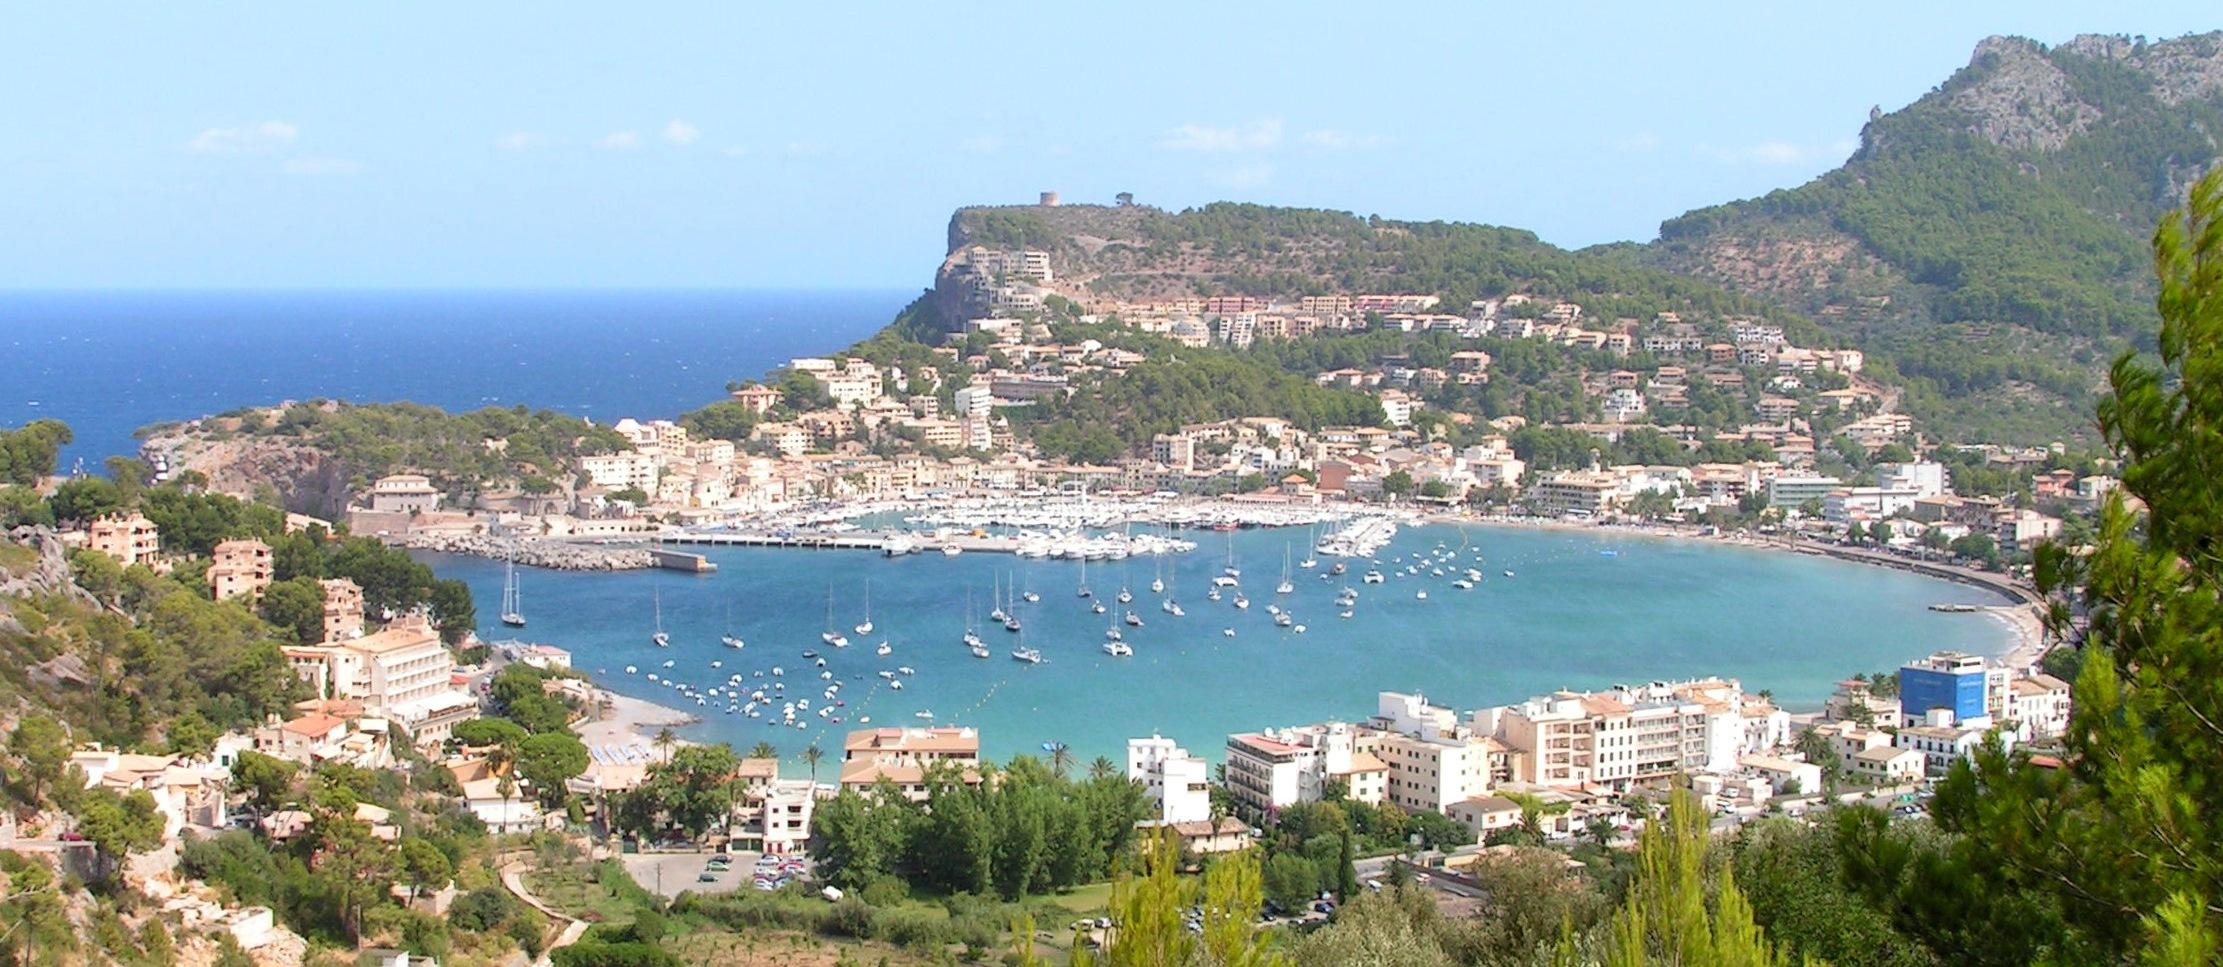 Hotel Puerto Pollensa Mallorca